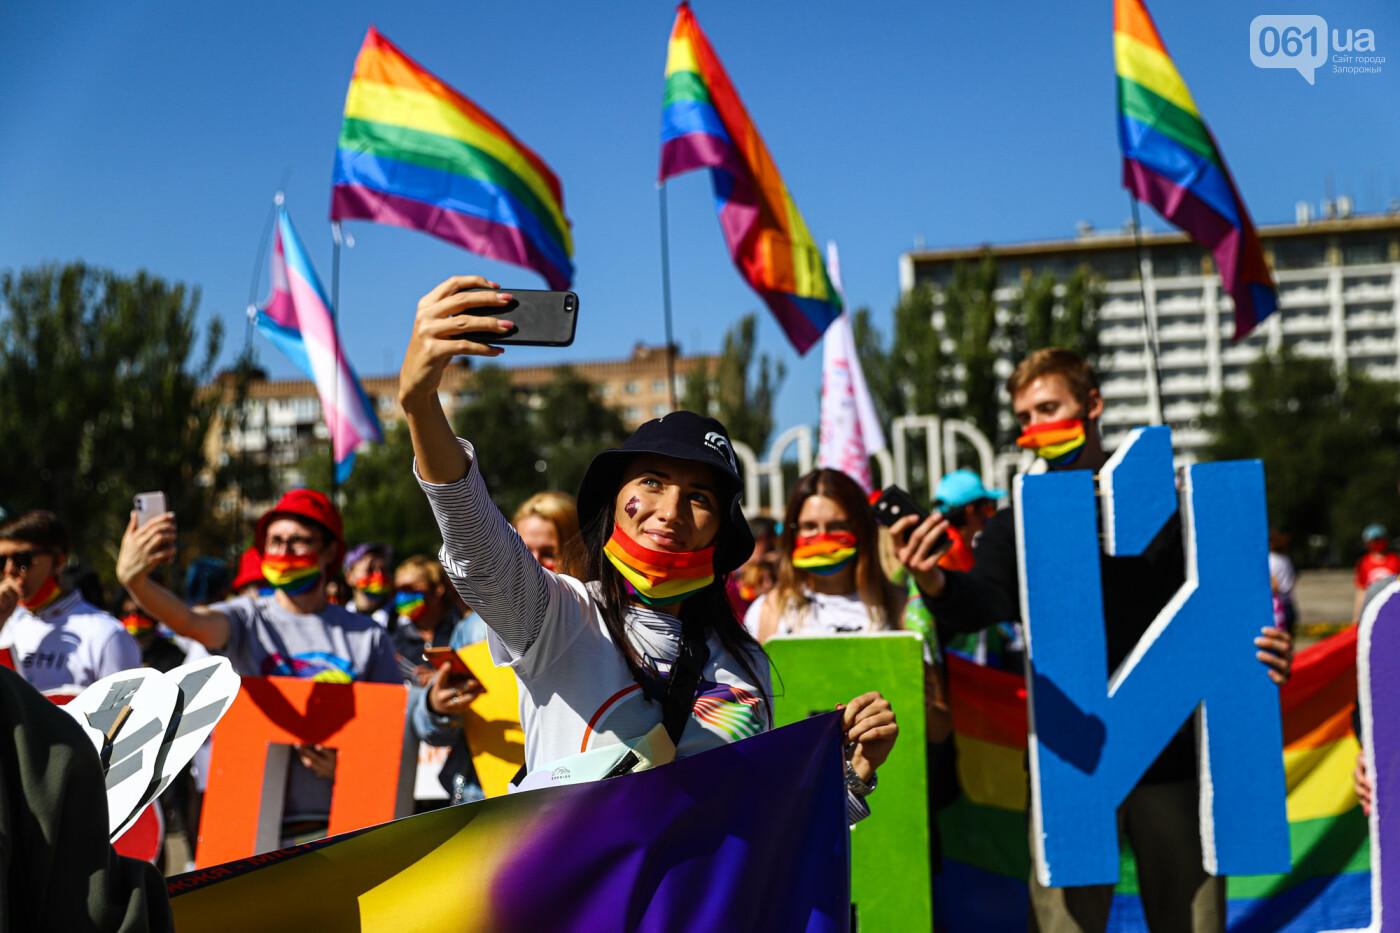 ЛГБТ-прайд, эко-митинг и восстановленные скульптуры в сквере Пионеров: сентябрь в фотографиях , фото-104